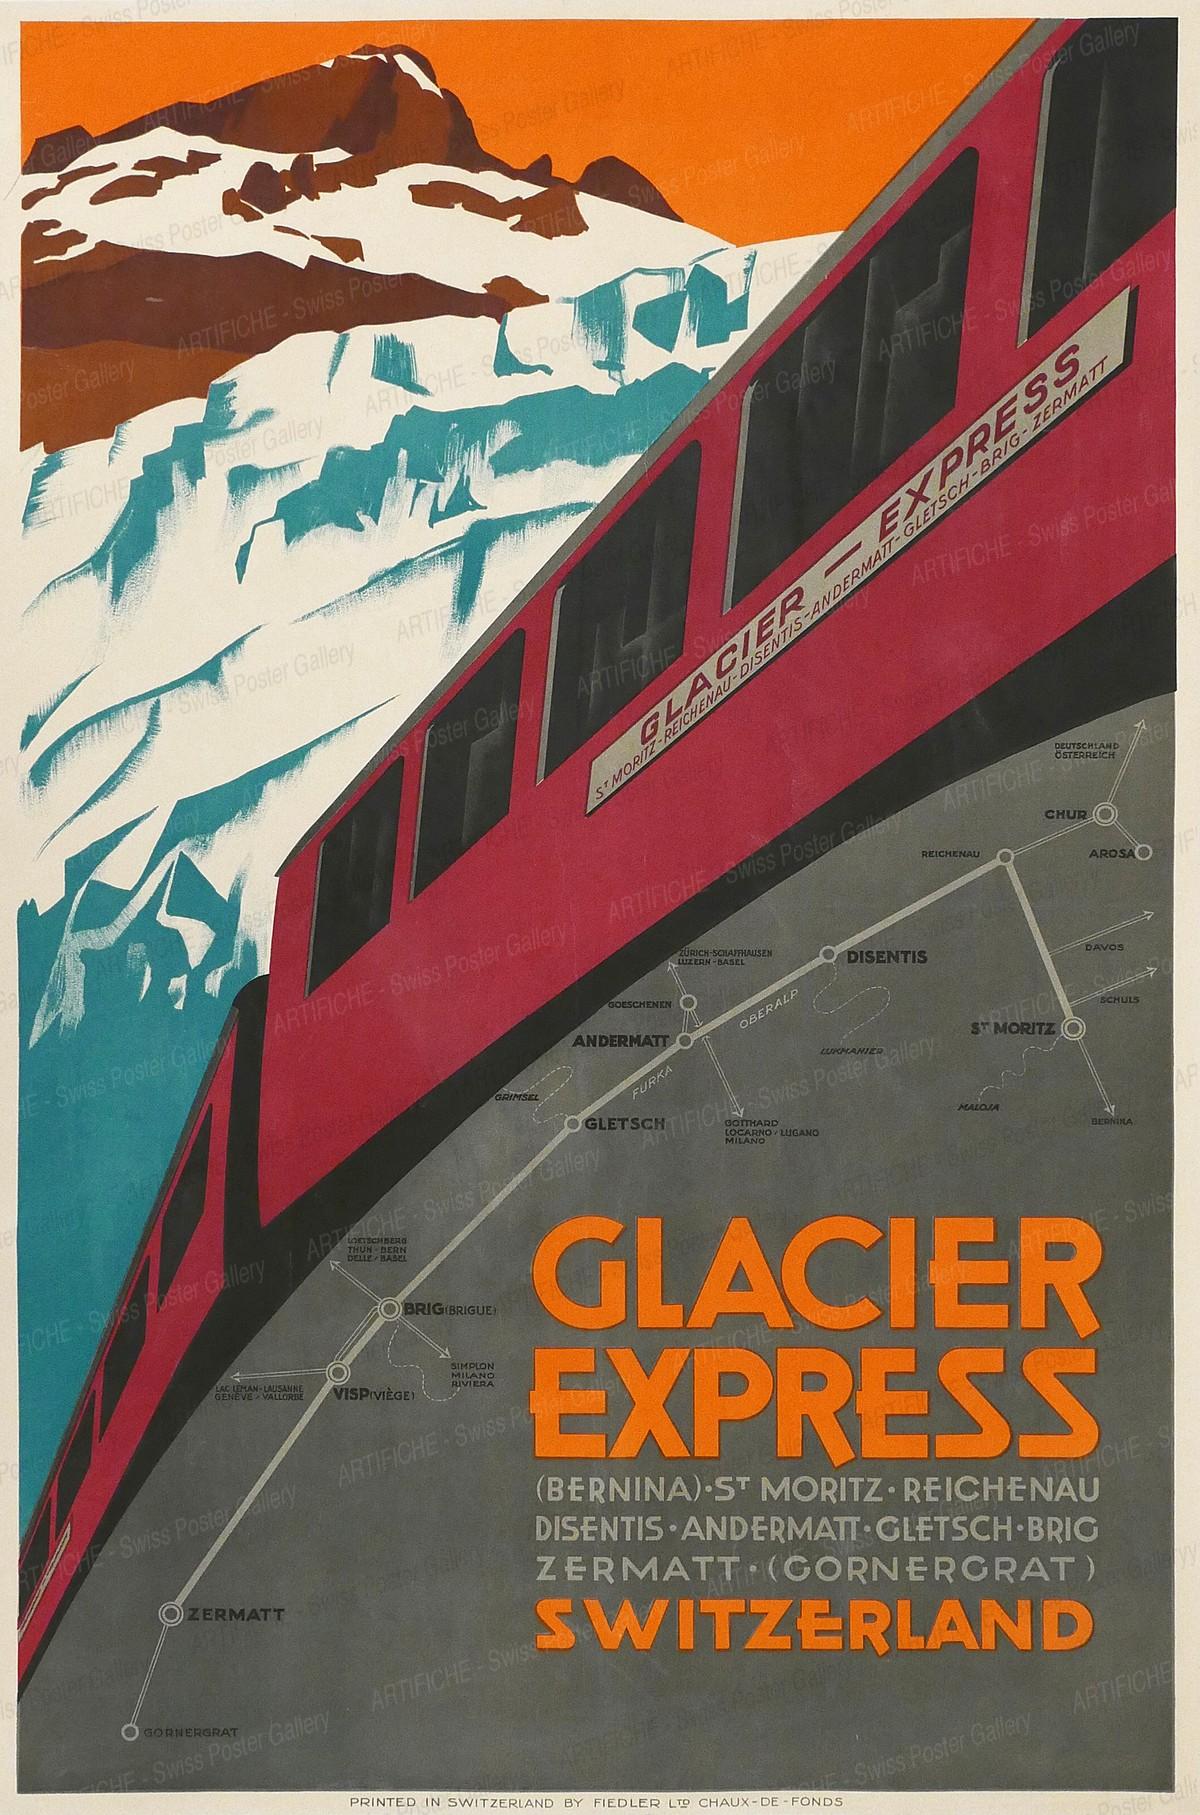 Glacier Express Switzerland (Bernina) – St. Moritz – Reichenau – Disentis – Andermatt – Gletsch – Brig – Zermatt (Gornergrat), Artist unknown